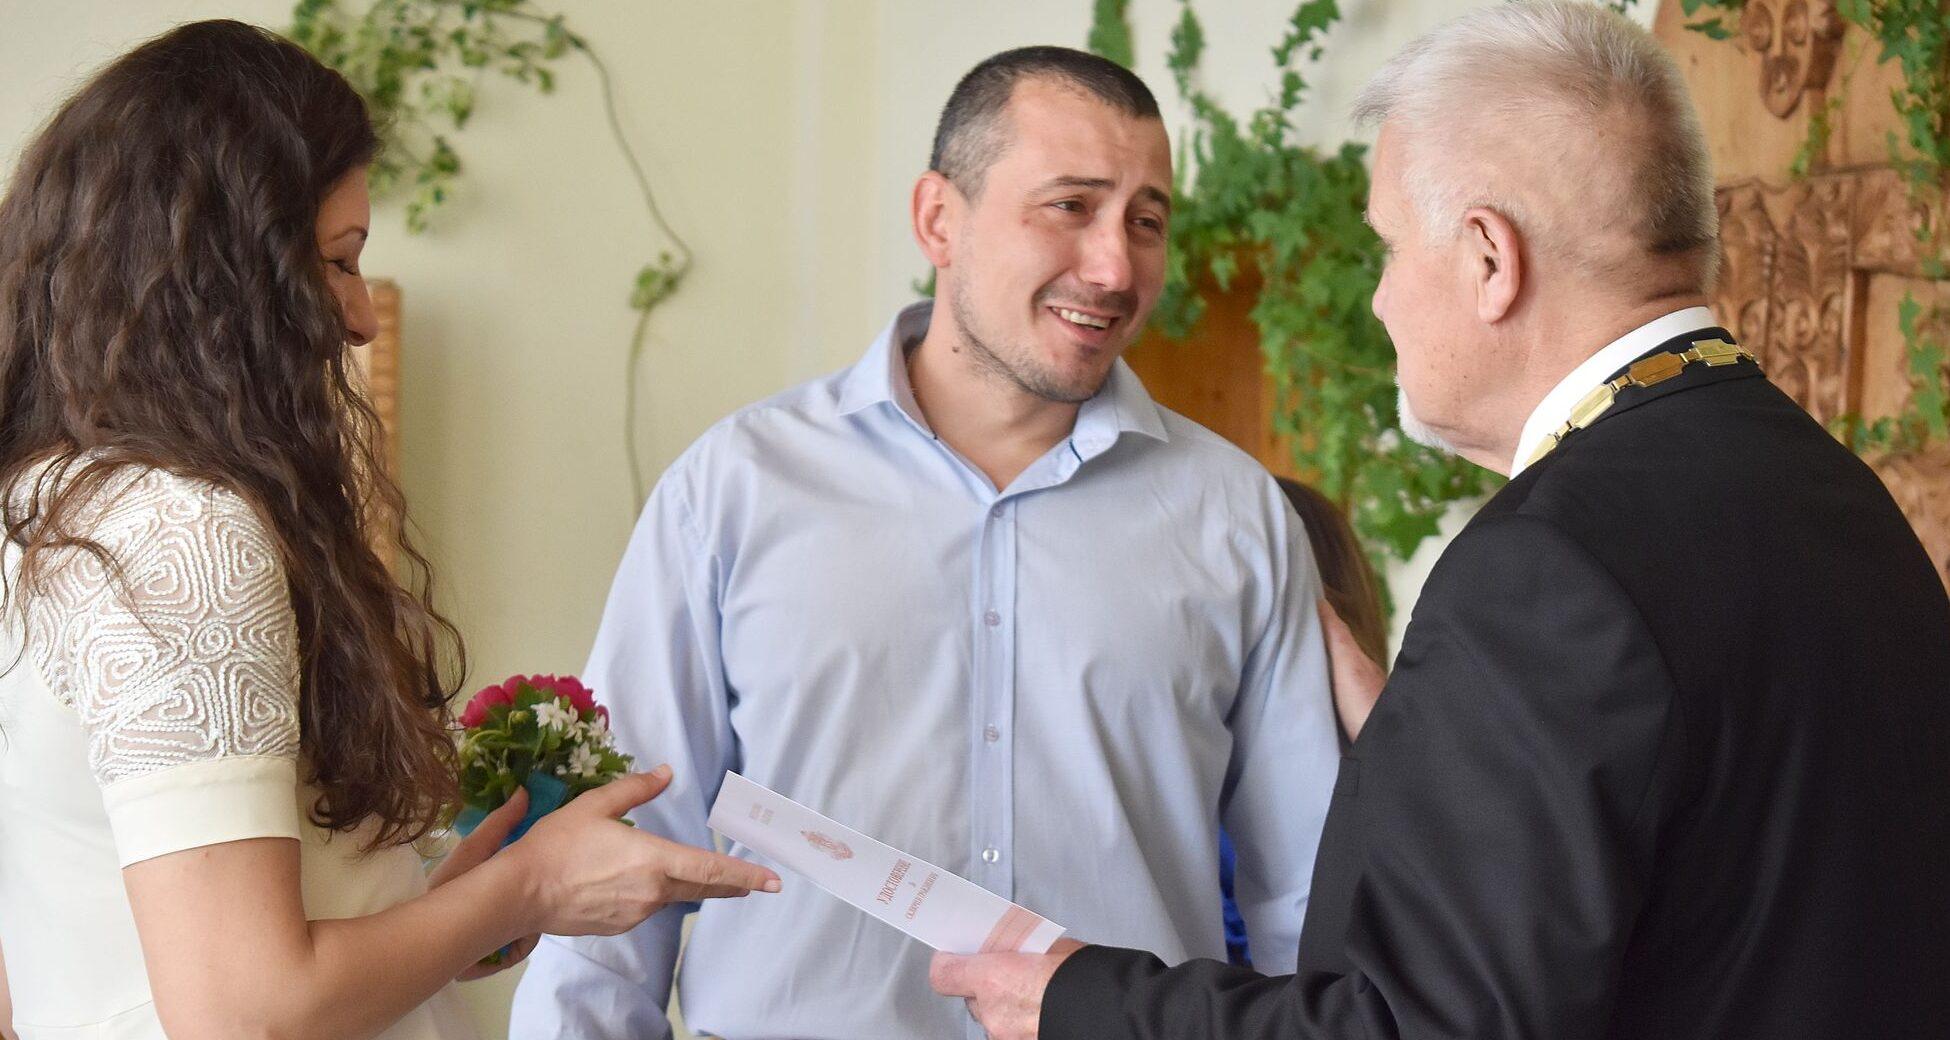 Кметът Денчо Бояджиев връчи удостоверение за гражданс ...